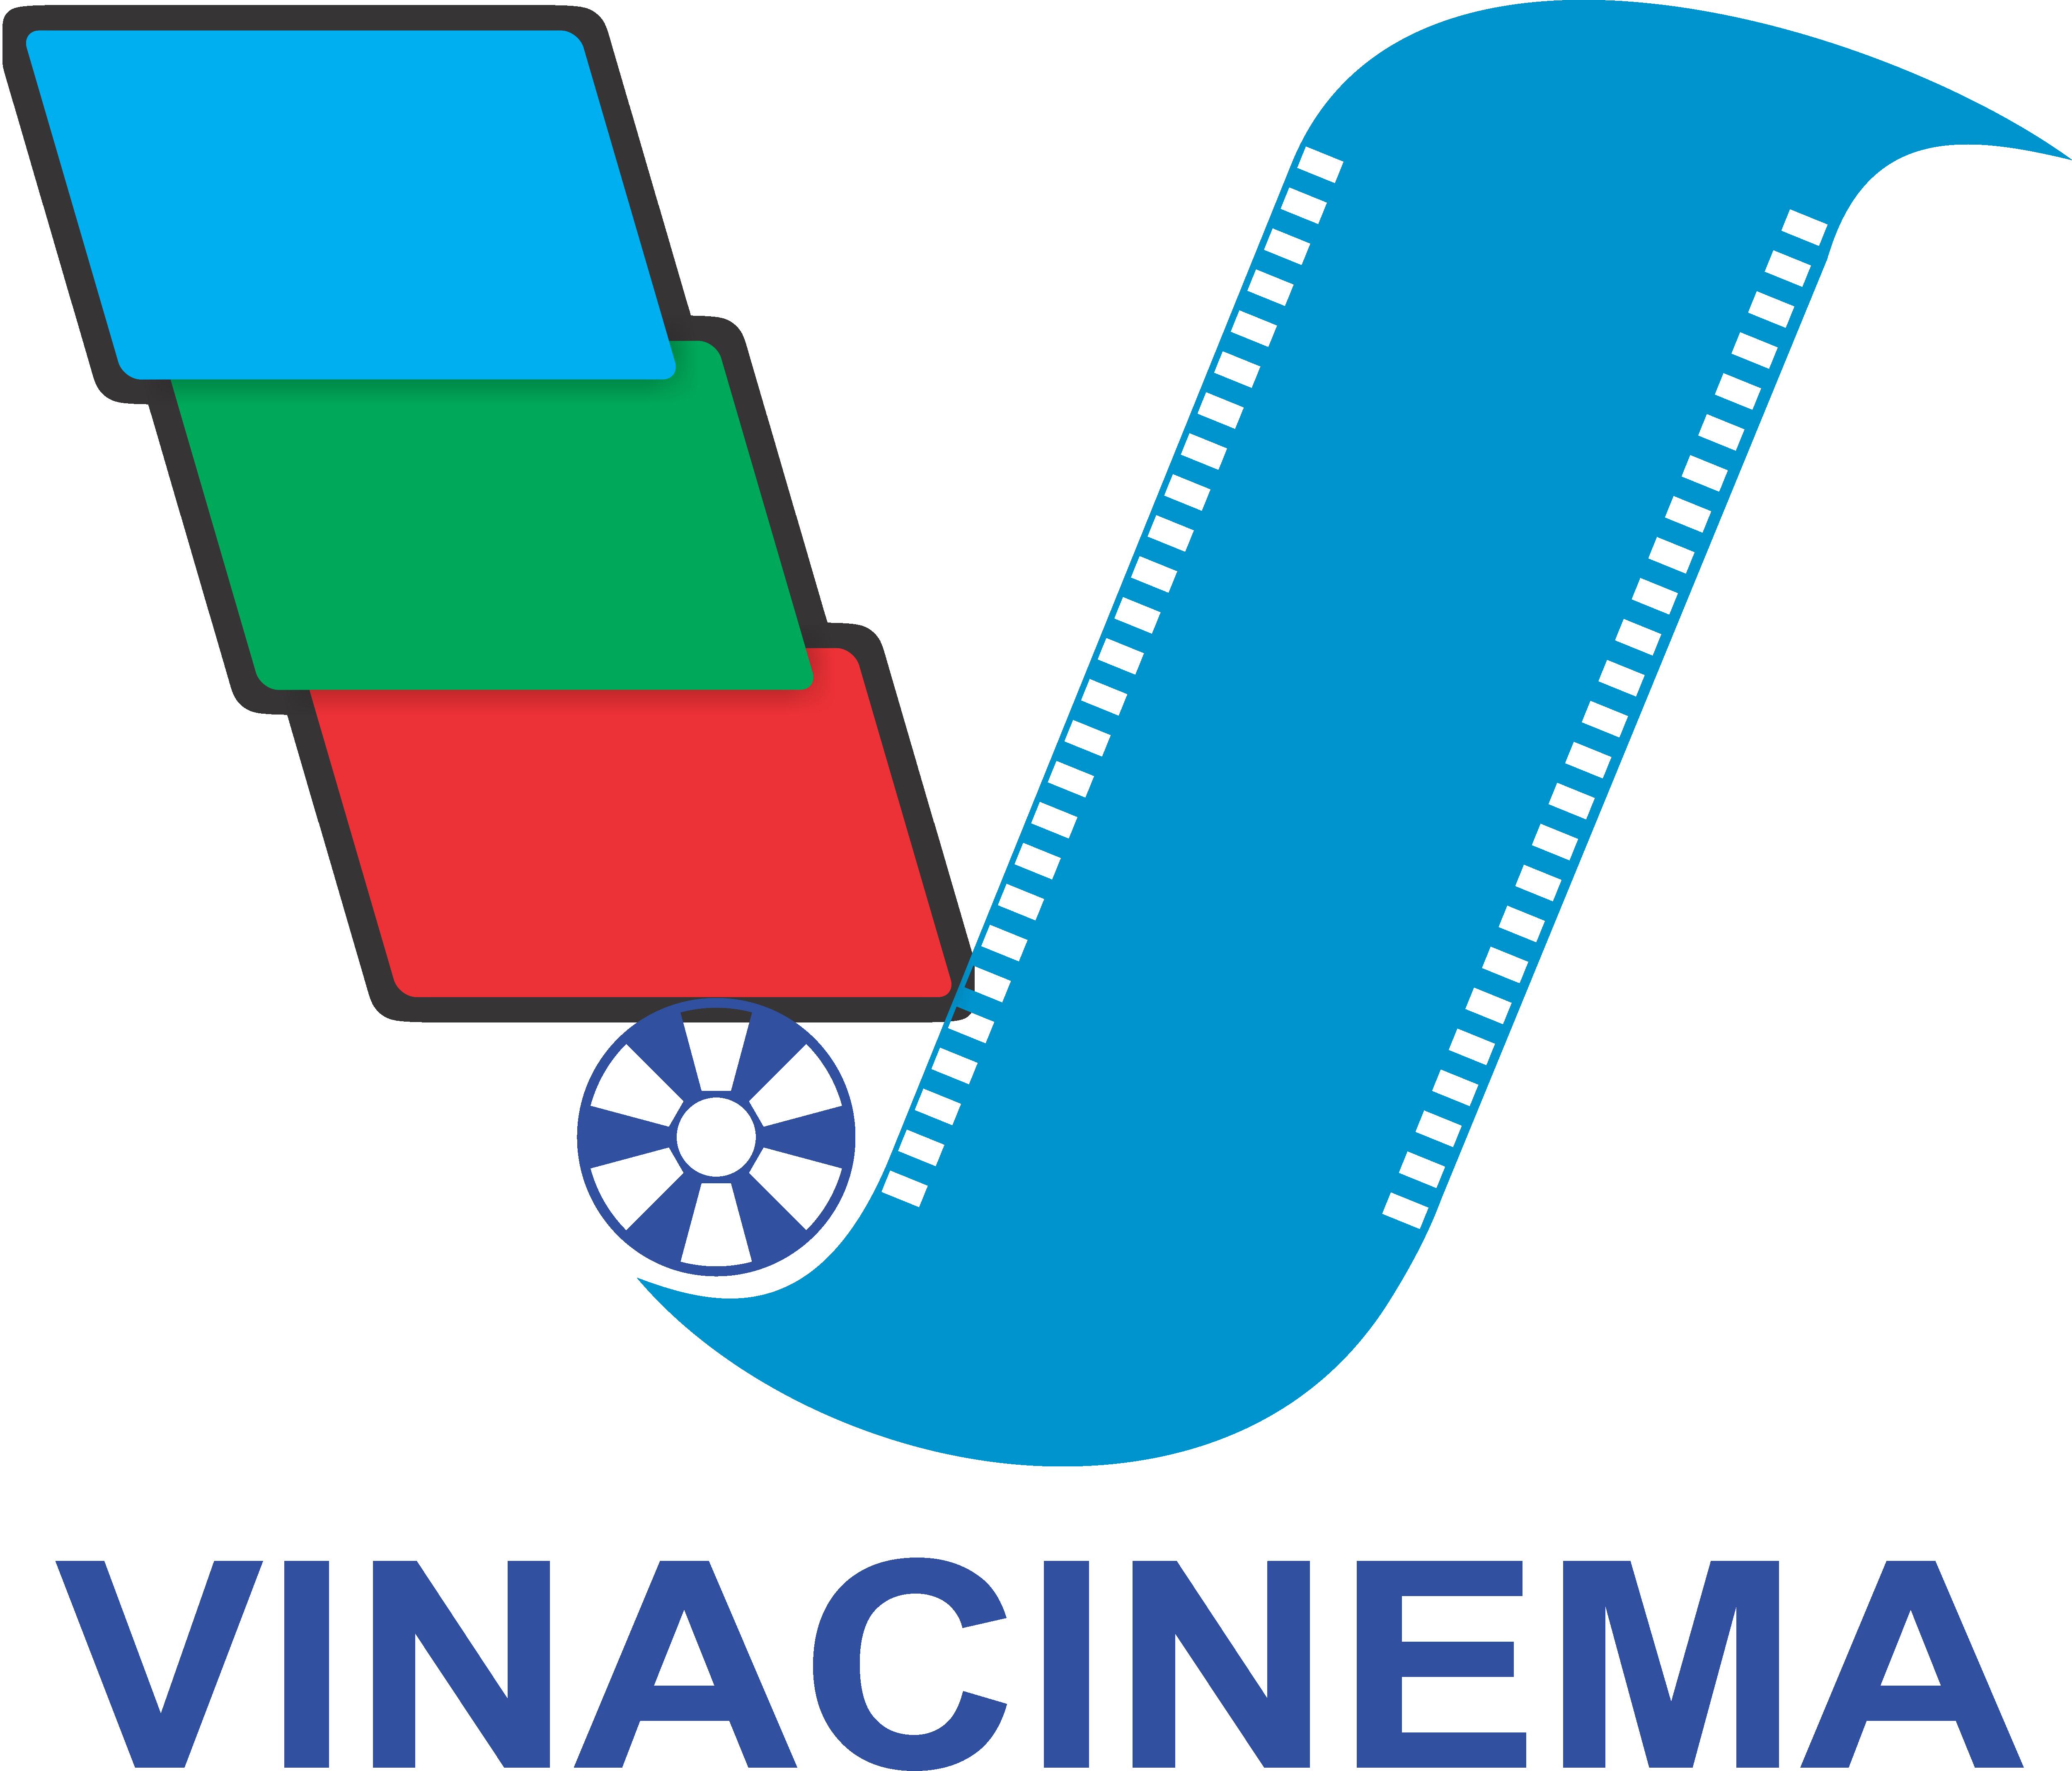 Vinacinema